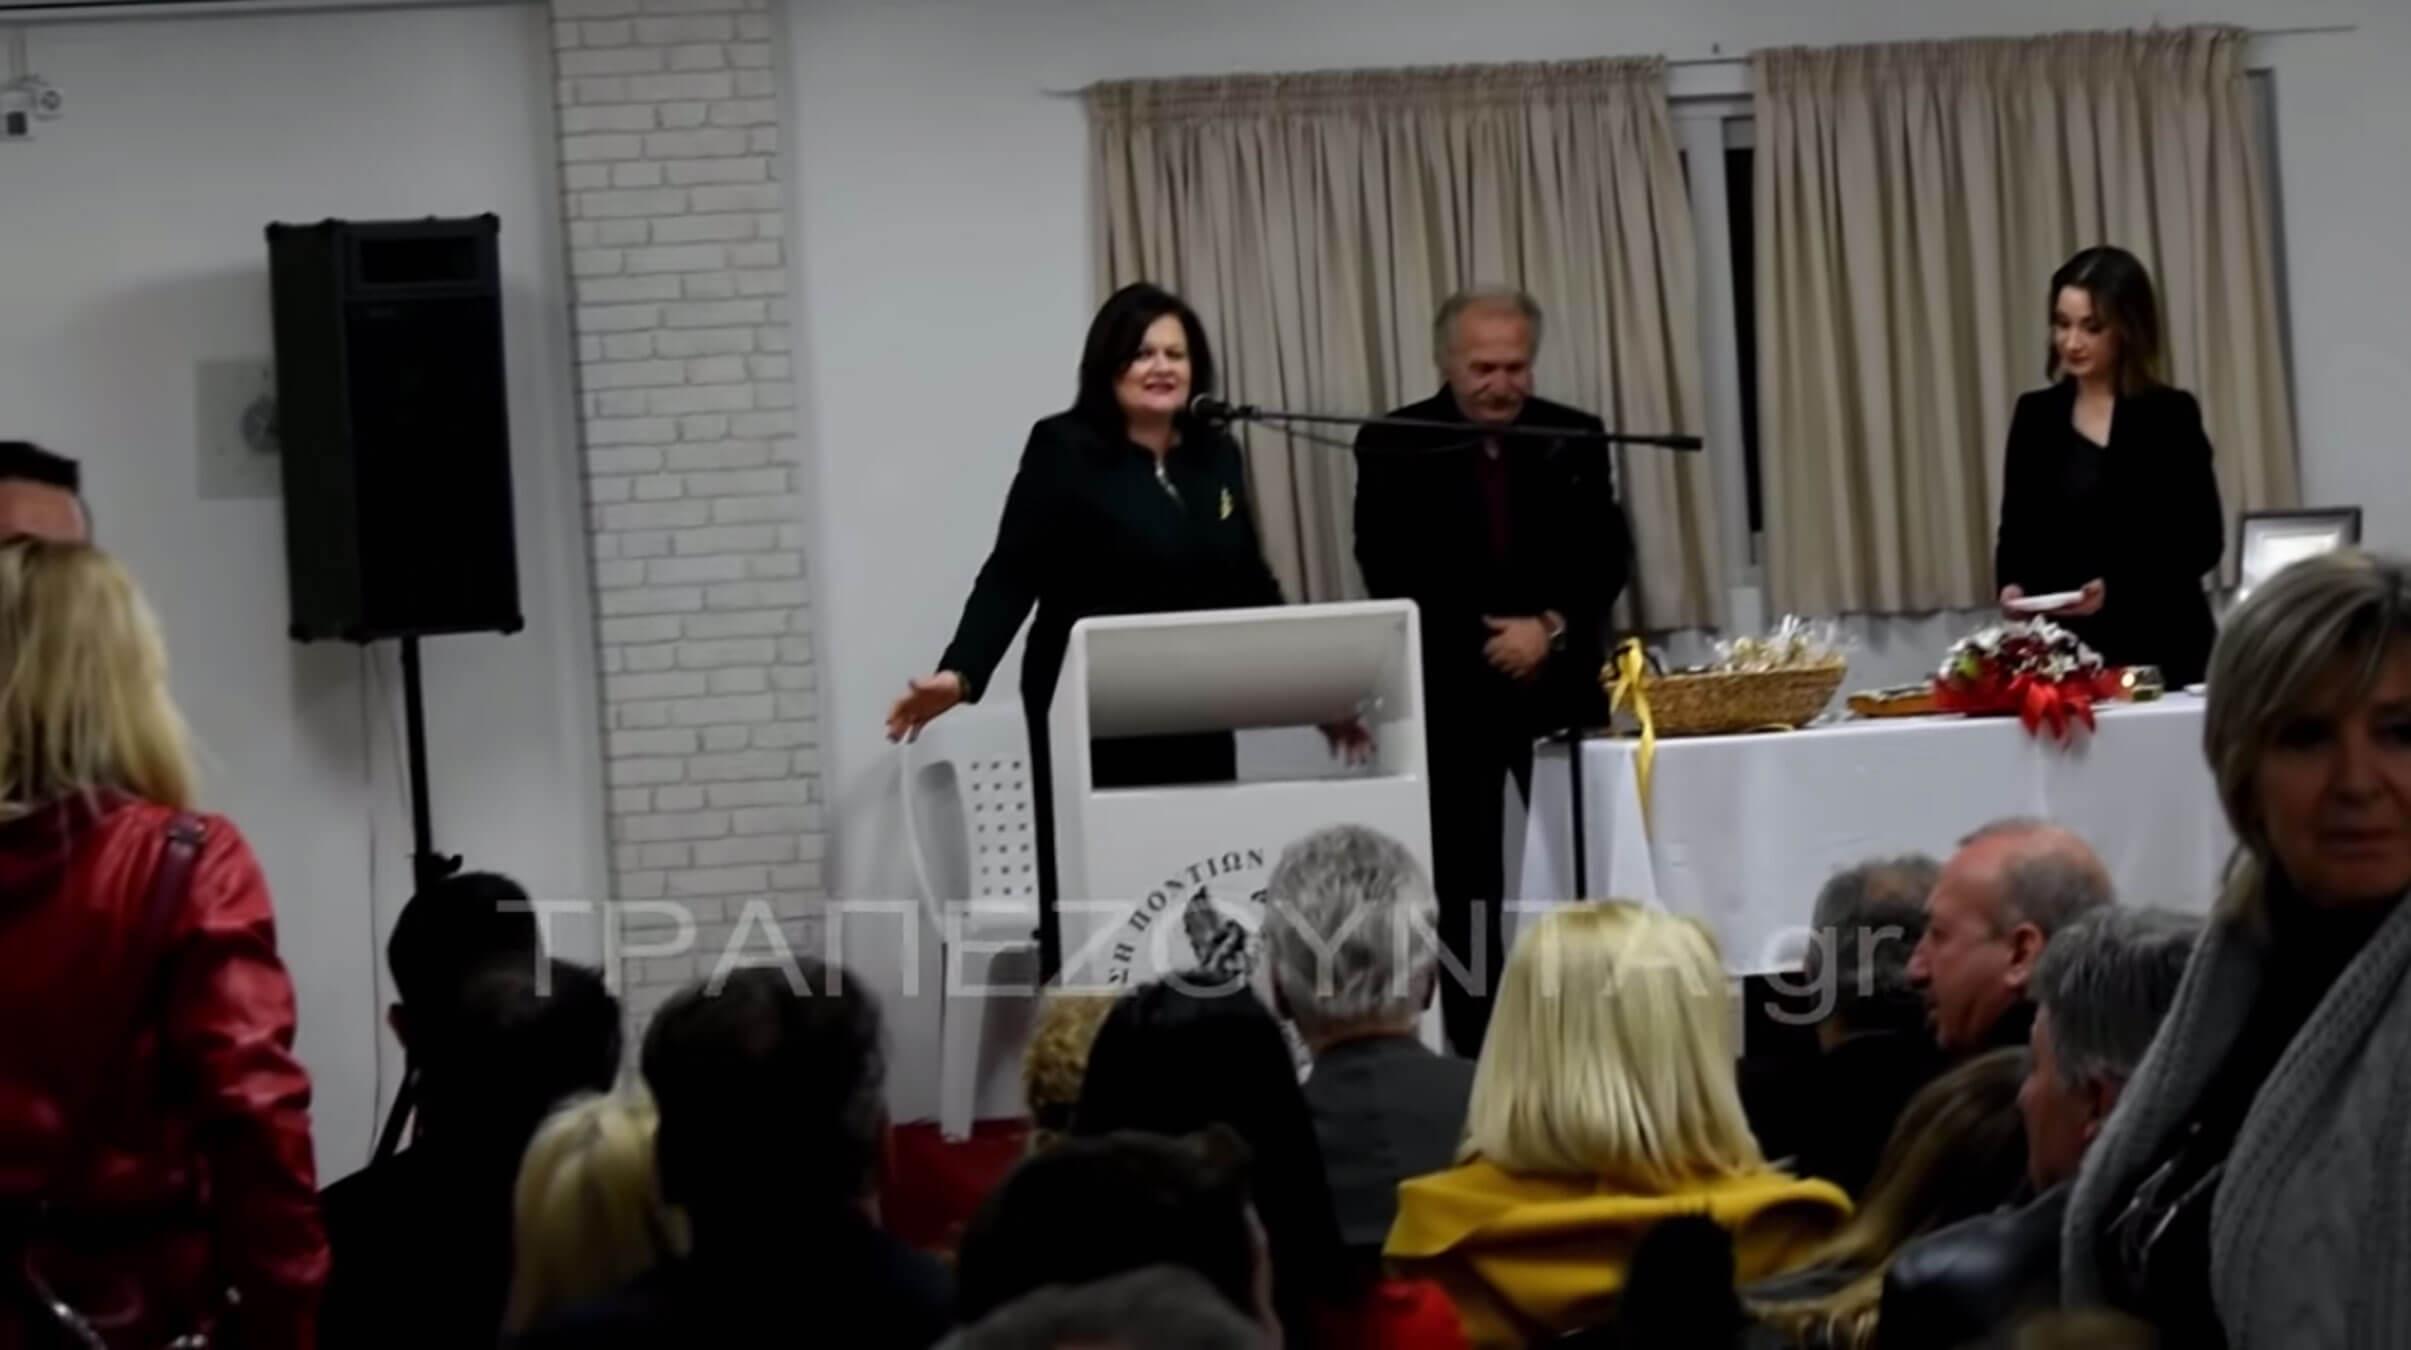 Αποδοκίμασαν τη Χαρά Καφαντάρη στο Περιστέρι: «Είμαστε Μακεδόνες! Φύγε δεν σε θέλουμε!» video